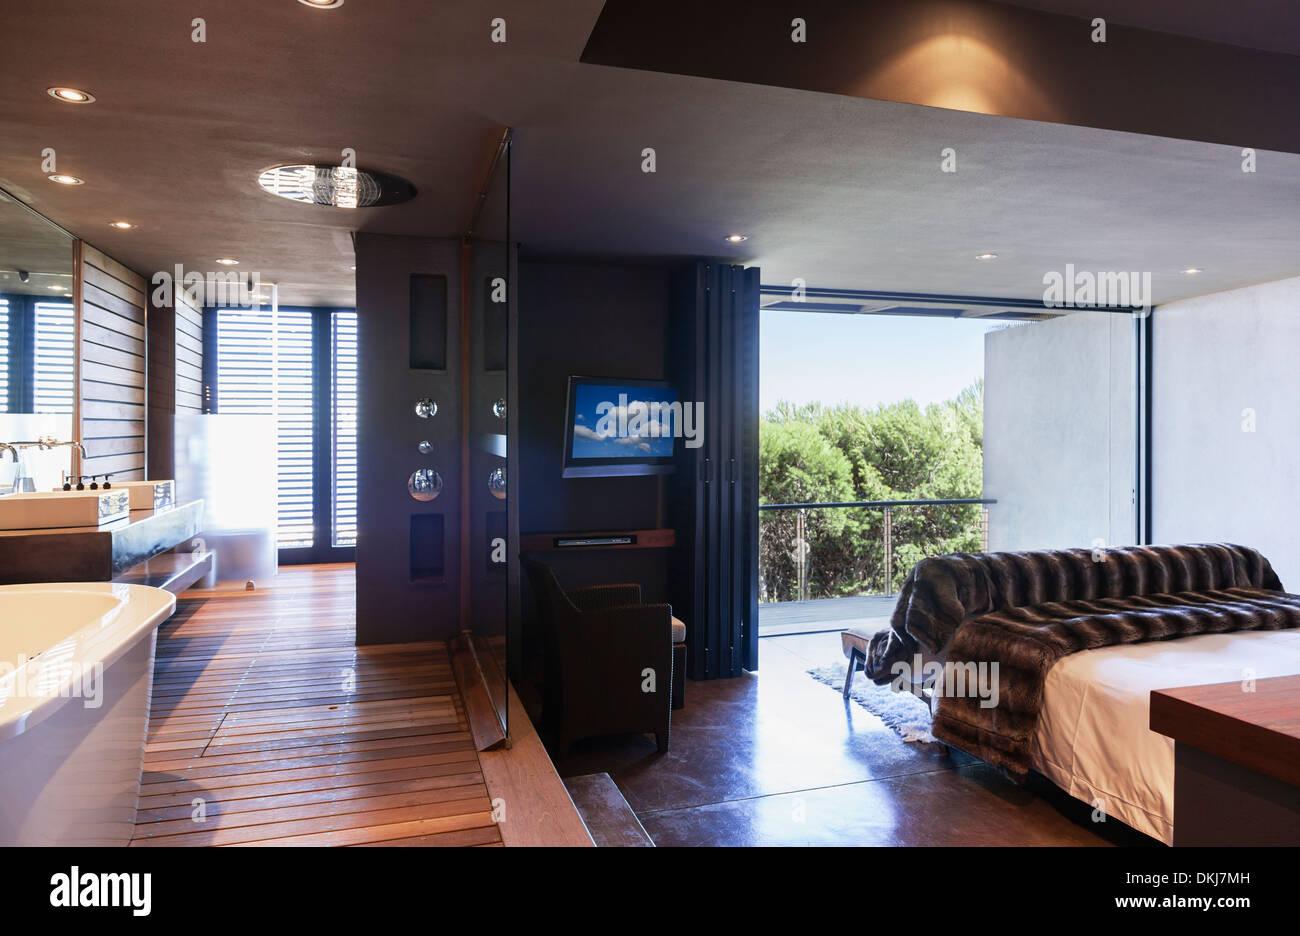 Glas Trennwand zwischen Schlafzimmer und Bad Stockfoto, Bild ...